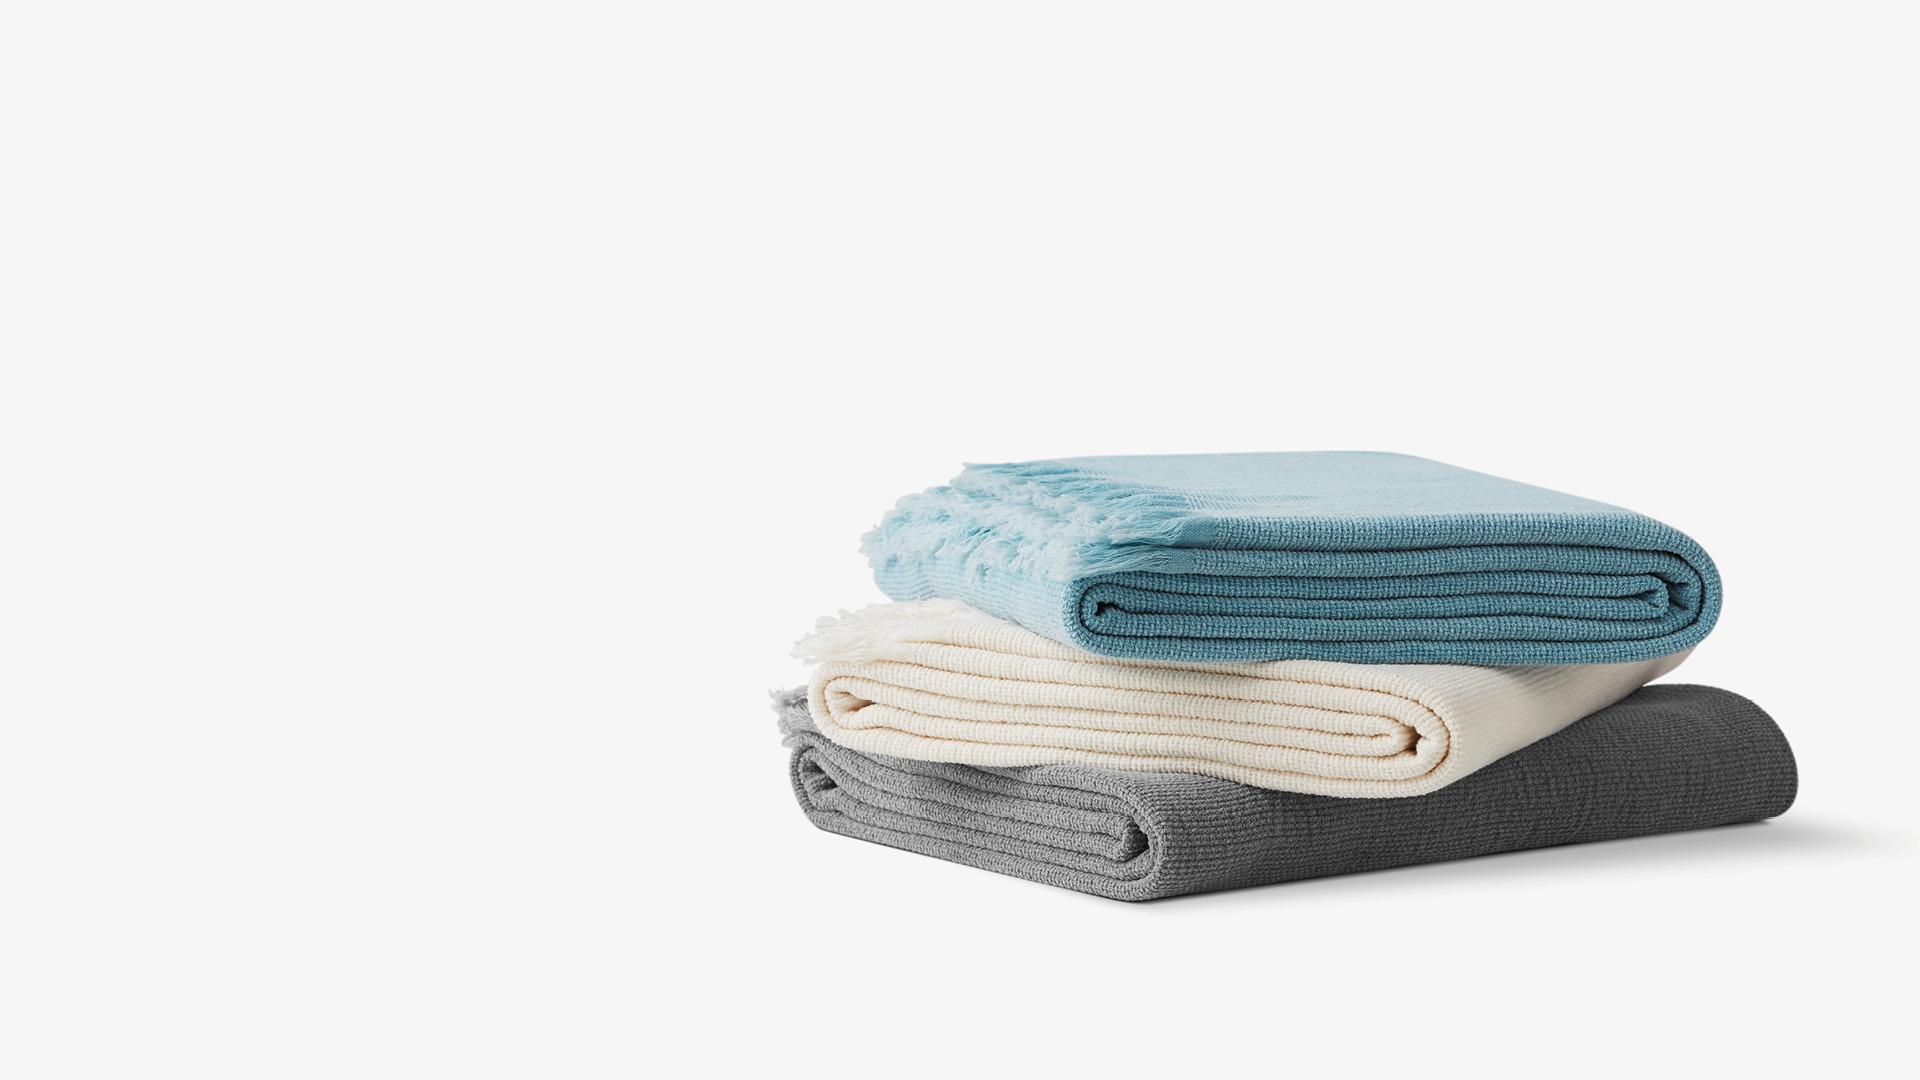 510g轻质披肩毯<br/>照顾空调房每一寸肌肤